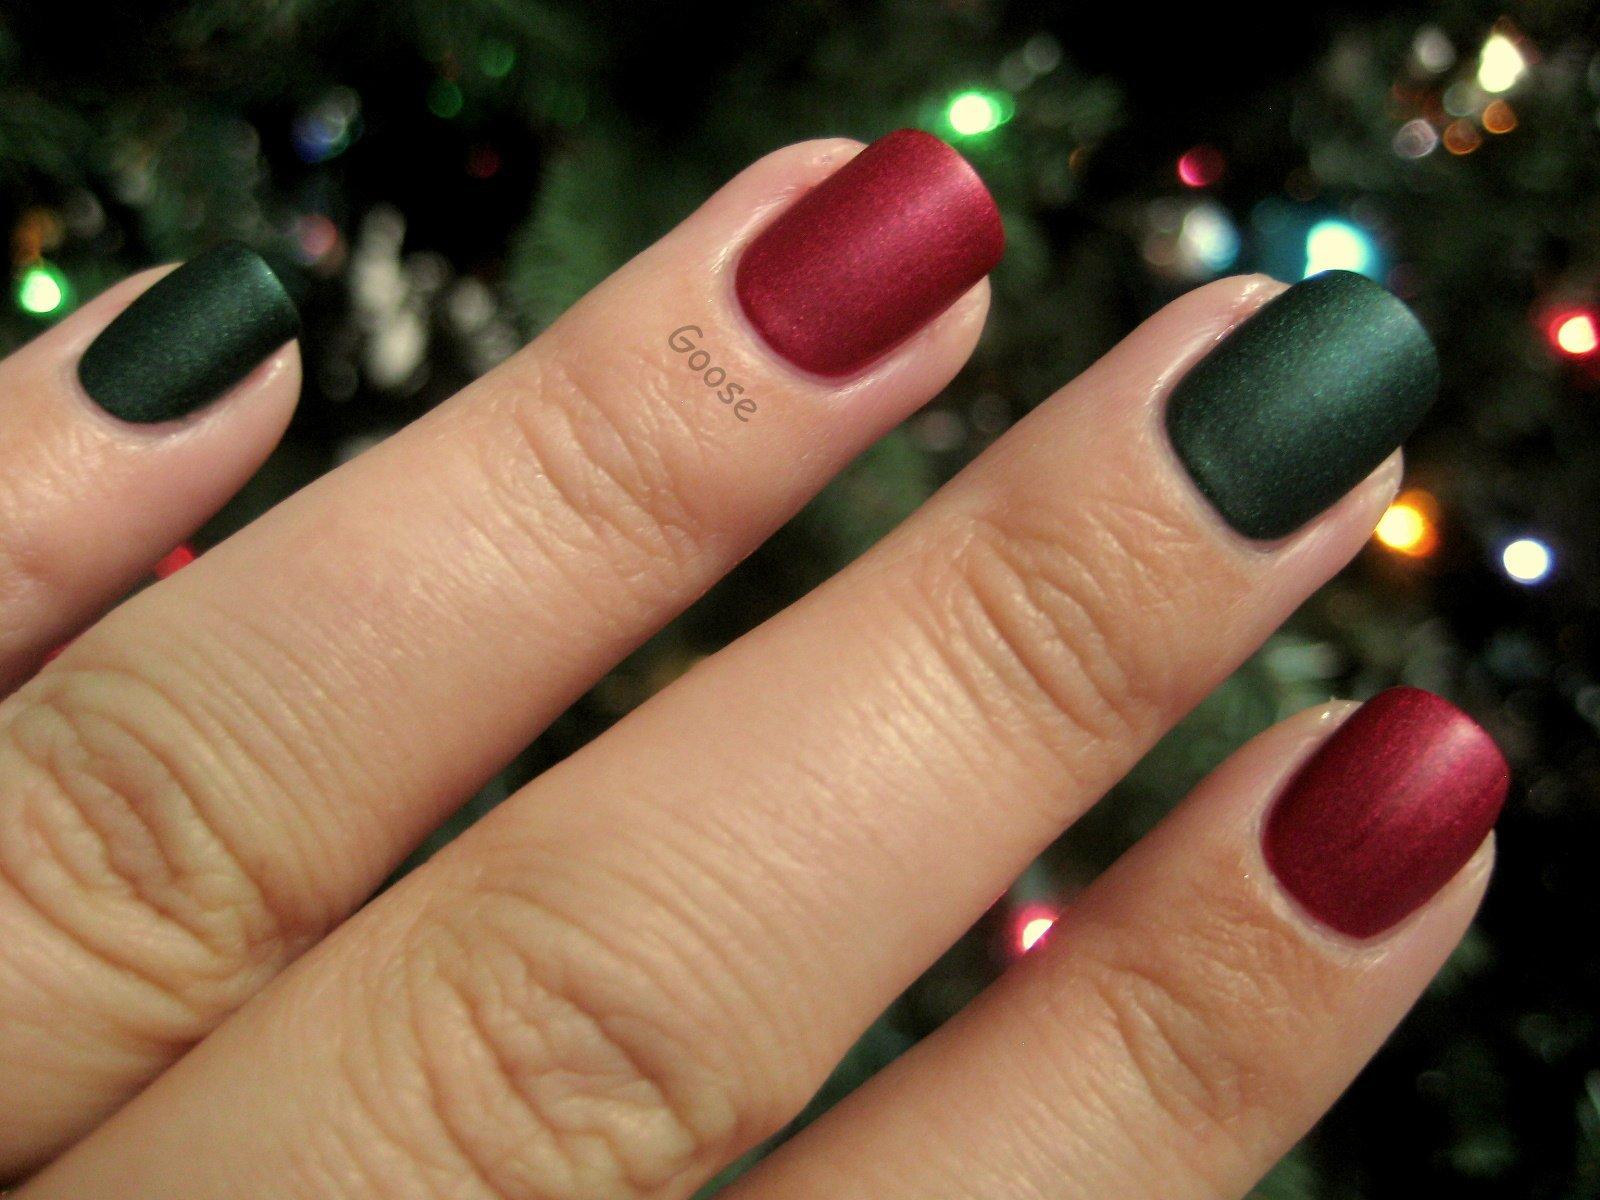 сочетание цветов лаков для ногтей фото